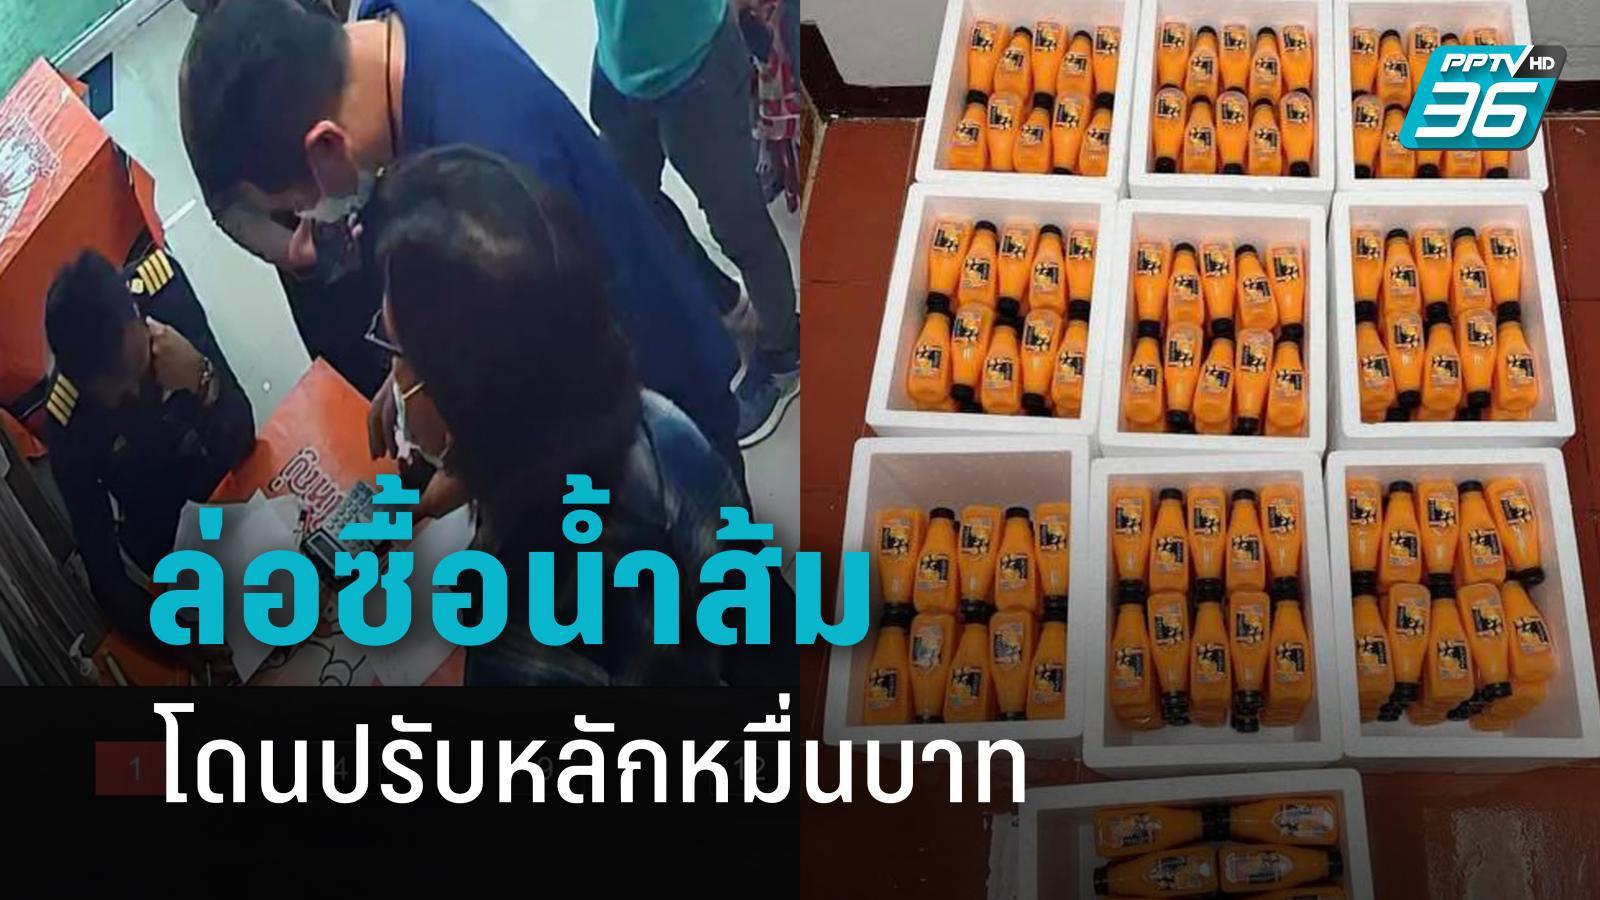 แม่ค้าสุดดีใจ รับออเดอร์น้ำส้ม 500 ขวด กลับโดนล่อซื้อ ถูกจับปรับ 12,000 บาท